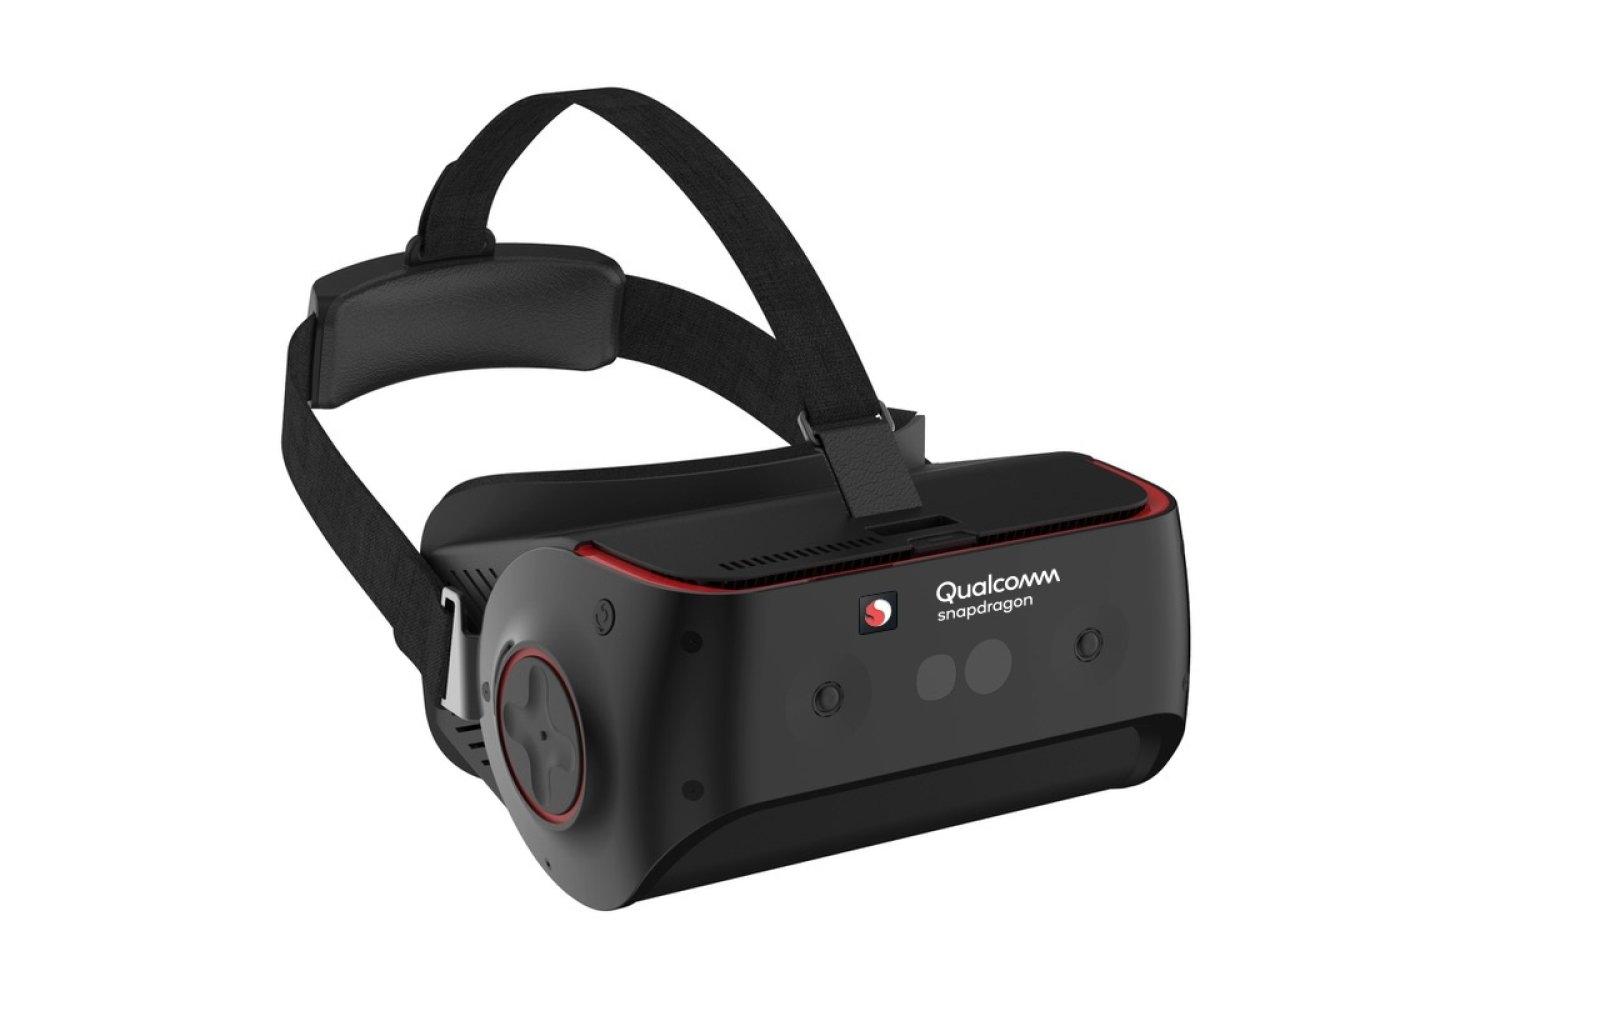 Qualcomm define los futuros cascos de realidad virtual